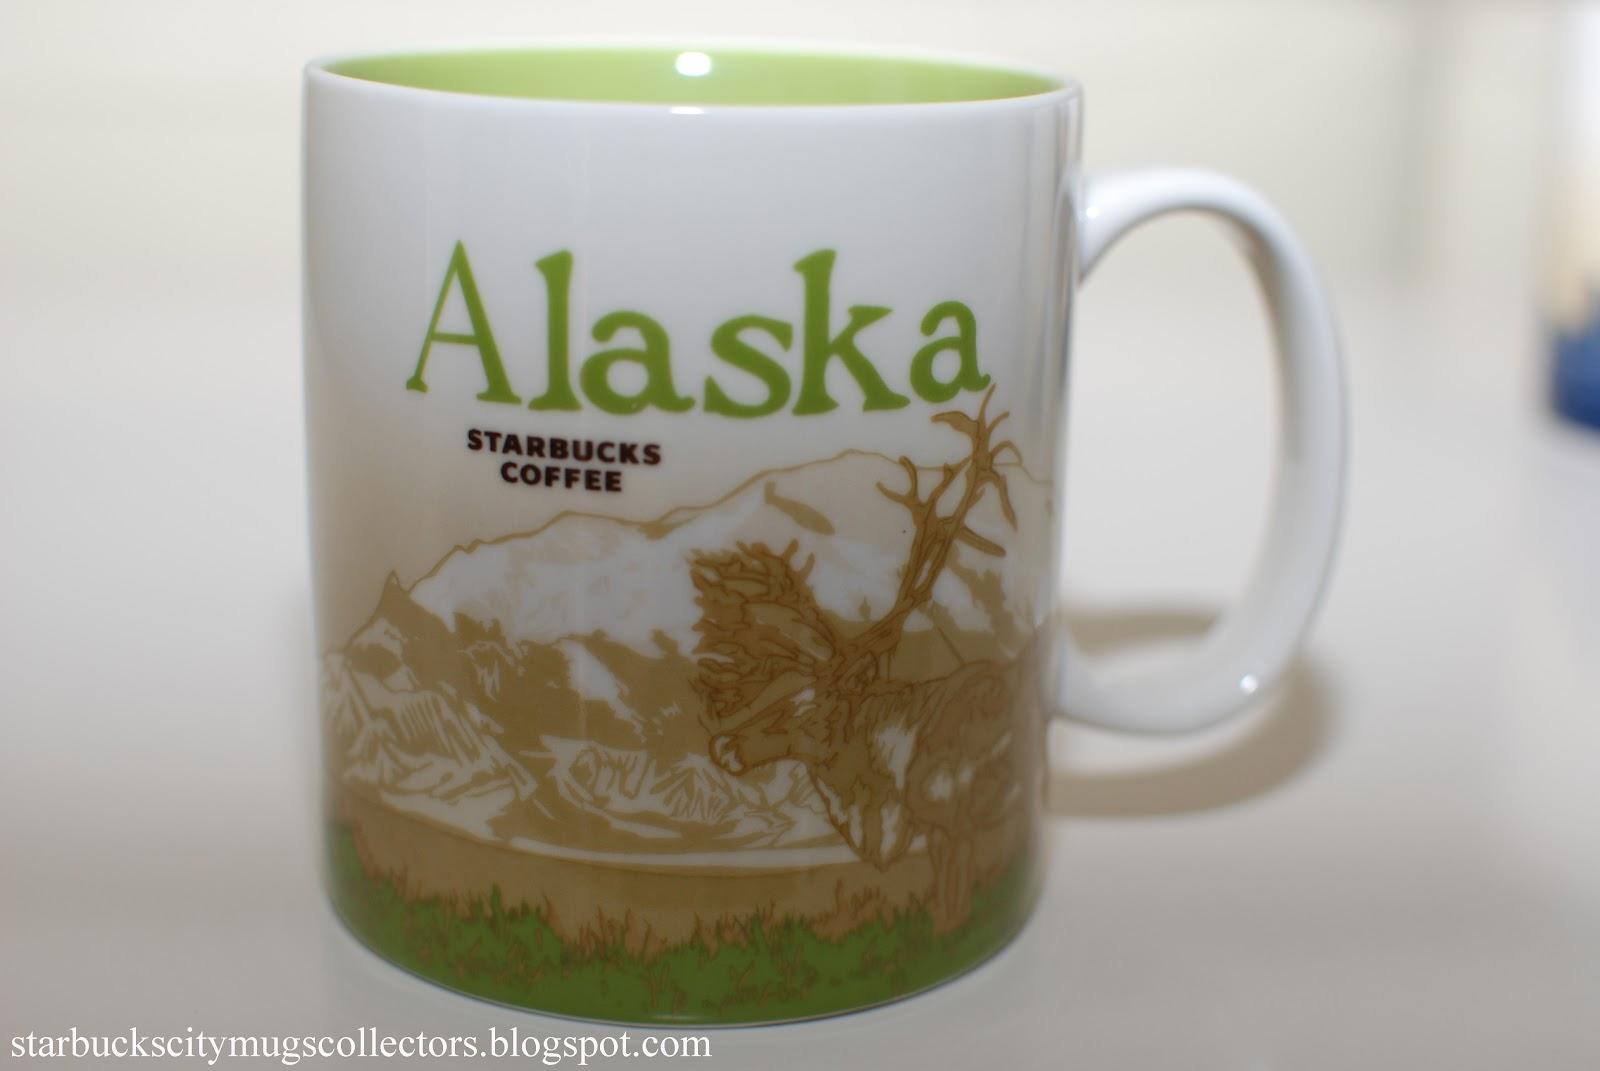 Starbucks City Mugs: USA GLOBAL ICONS